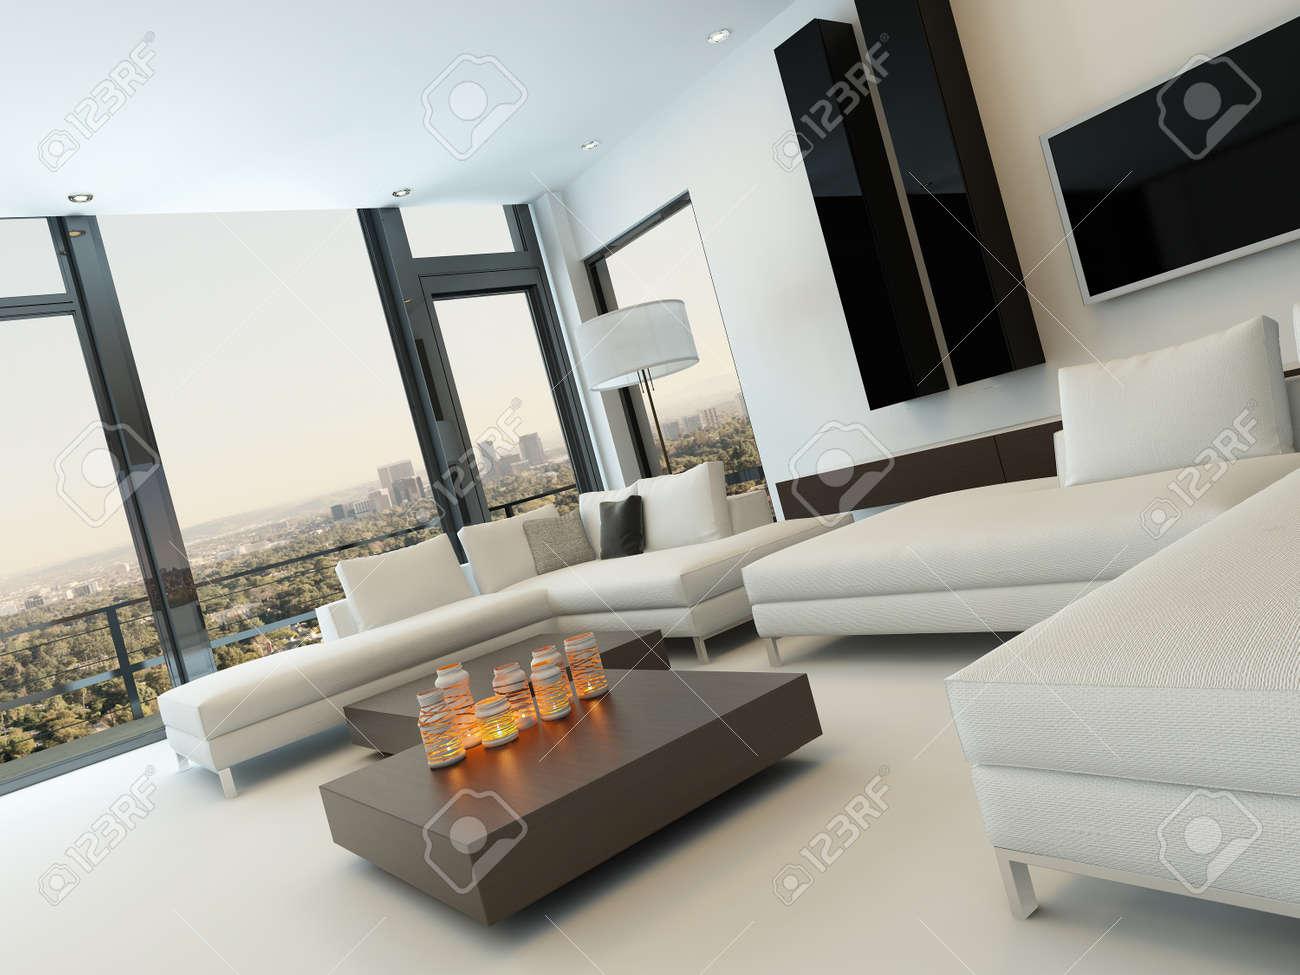 Design moderne ensoleillée intérieur salon avec canapé blanc ...